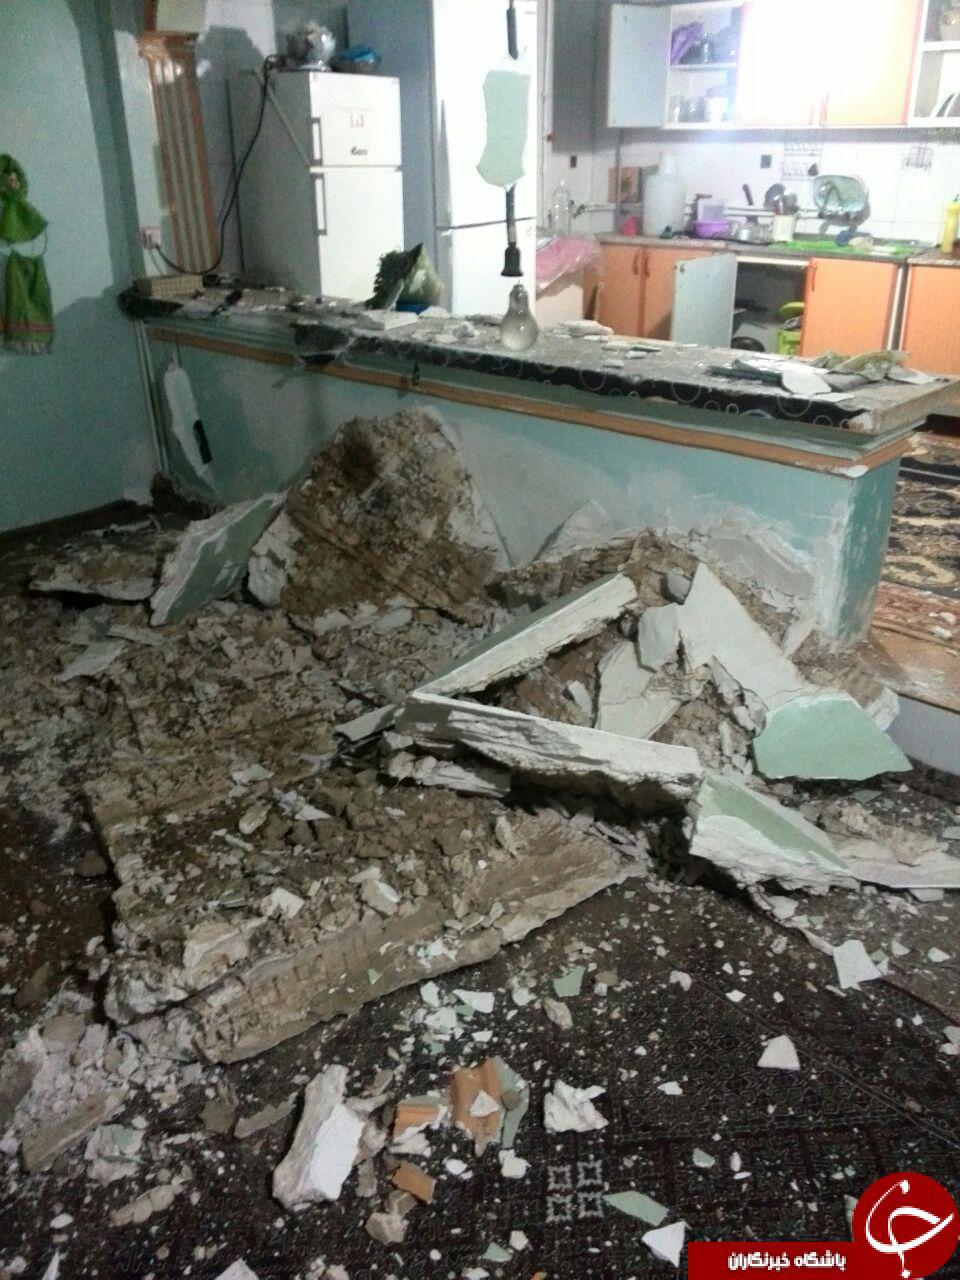 زلزله شاهرود را لرزاند! + فیلم